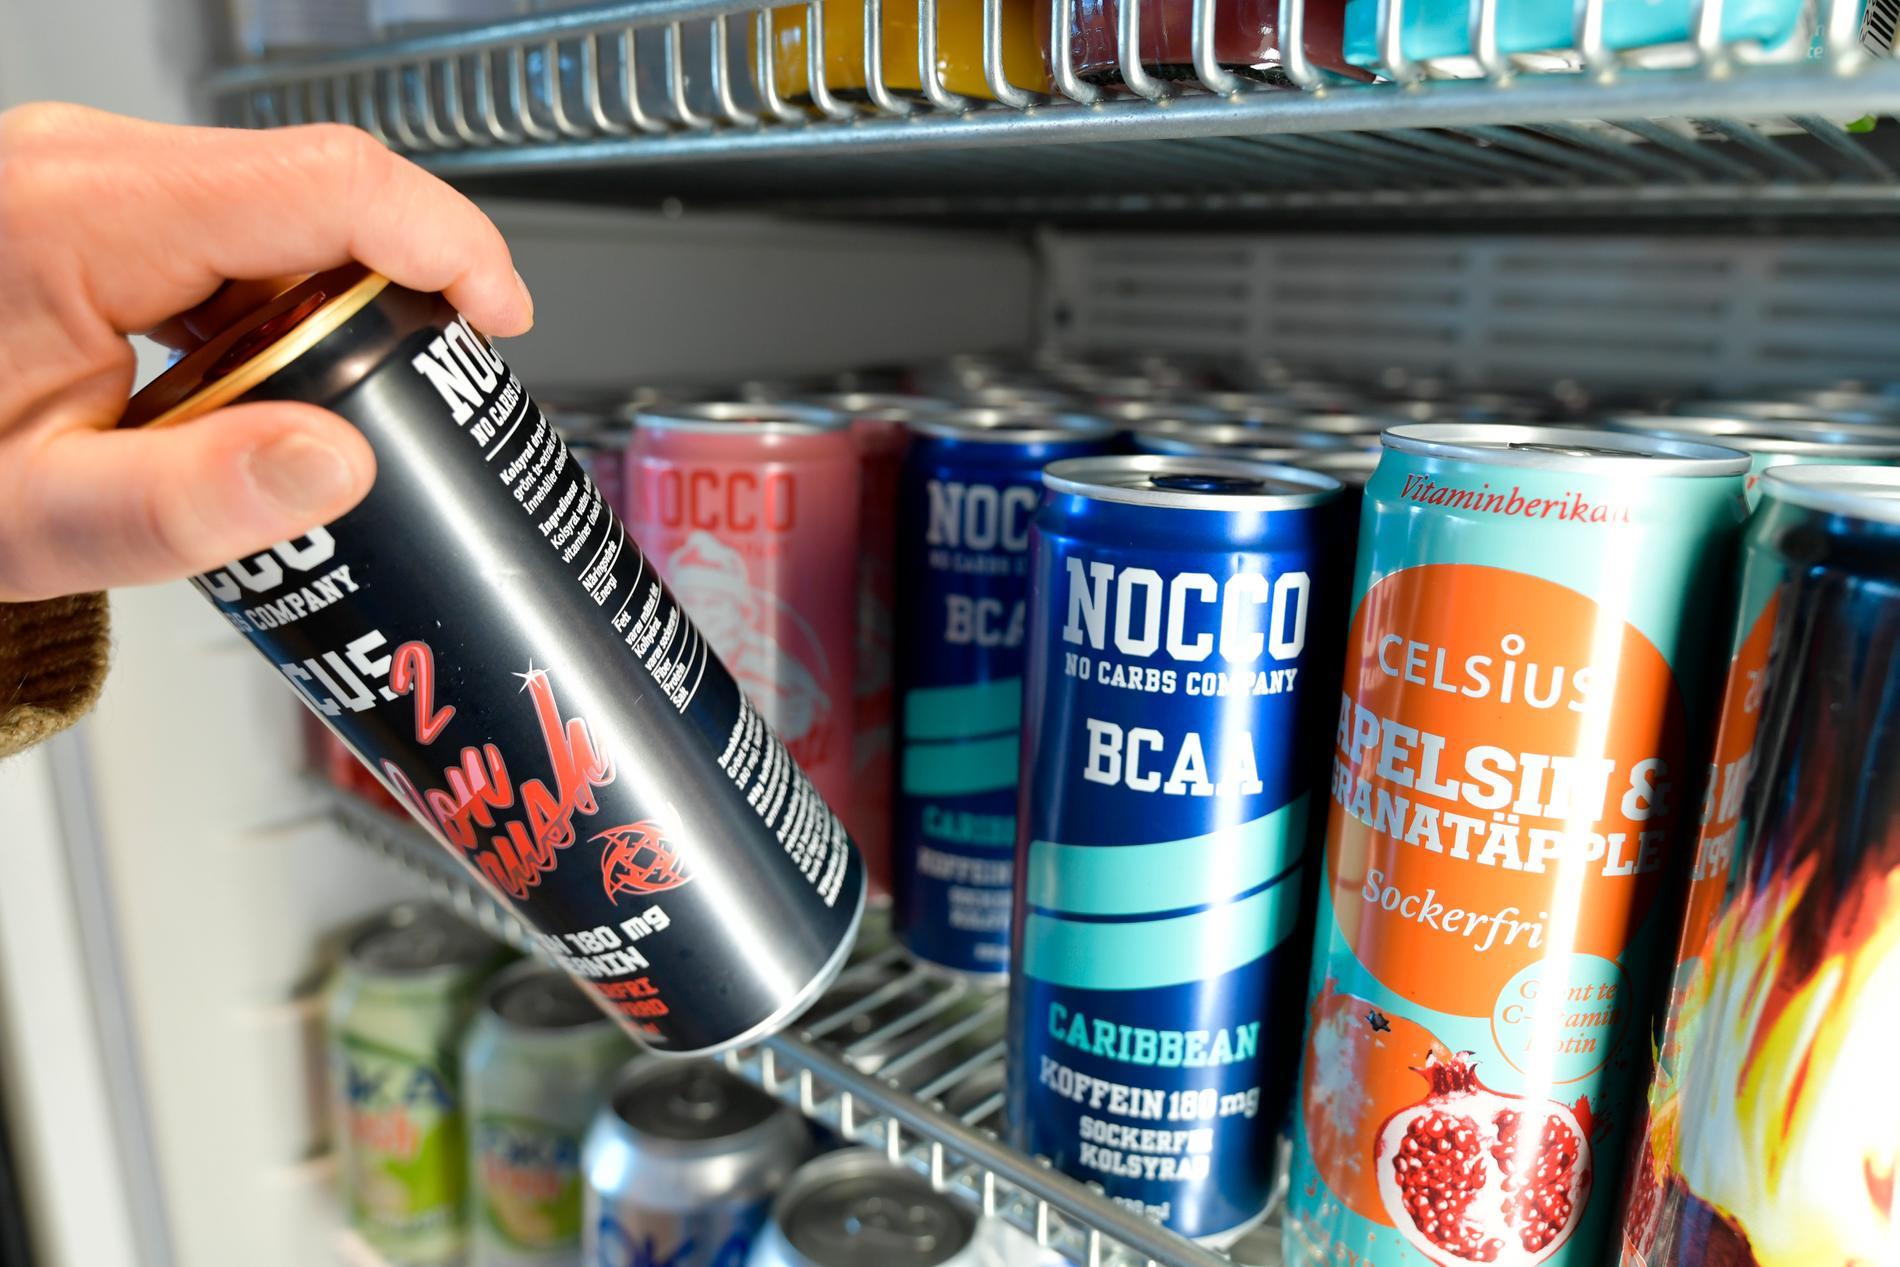 För att begränsa tillgången på energidrycker föreslår Livsmedelsverket att en maximal halt för koffein införs för dryckerna. Arkivbild.